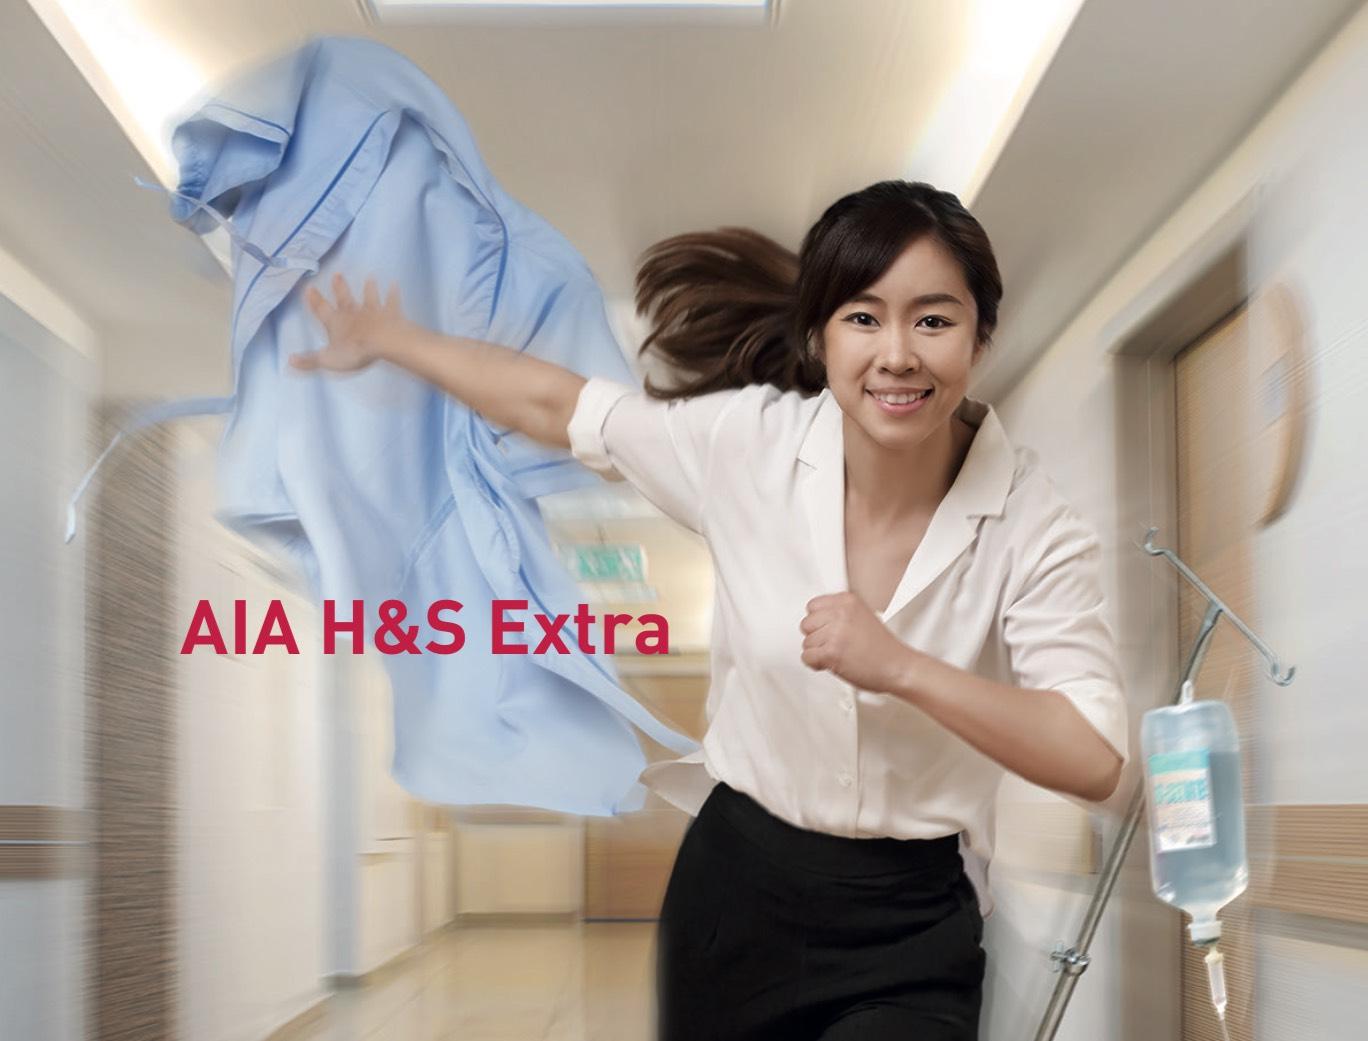 ประกันสุขภาพ OPD AIA H&S EXTRA